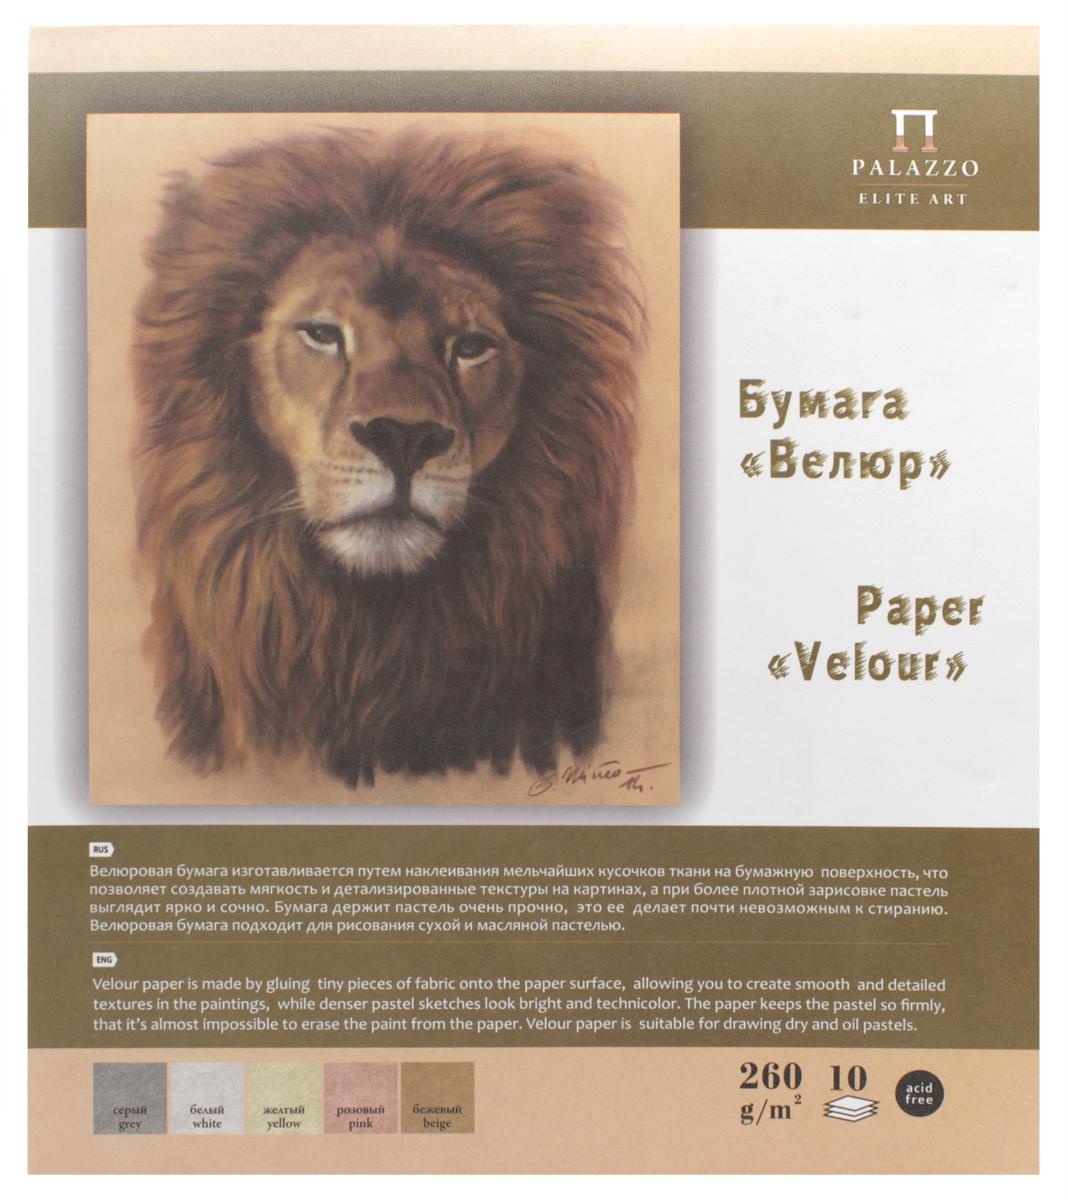 Палаццо Планшет с цветной бумагой Velour 5 цветов 34,5 х 34,5 см 10 листовПЛ-5245Планшет для пастели VELOUR с велюровой бумагой 260 г/кв.м. Велюровая бумага изготавливается путем наклеивания мельчайших кусочков ткани на бумажную поверхность. Фактура позволяет создавать мягкость и детализированные текстуры на картинах, а при более плотной зарисовке пастель выглядит ярко и сочно. Бумага очень прочно держит пастель, это делает ее устойчивой к стиранию. Велюровая бумага подходит для рисования сухой и масляной пастелью. 5 оттенков (серый, белый, желтый, розовый, бежевый).